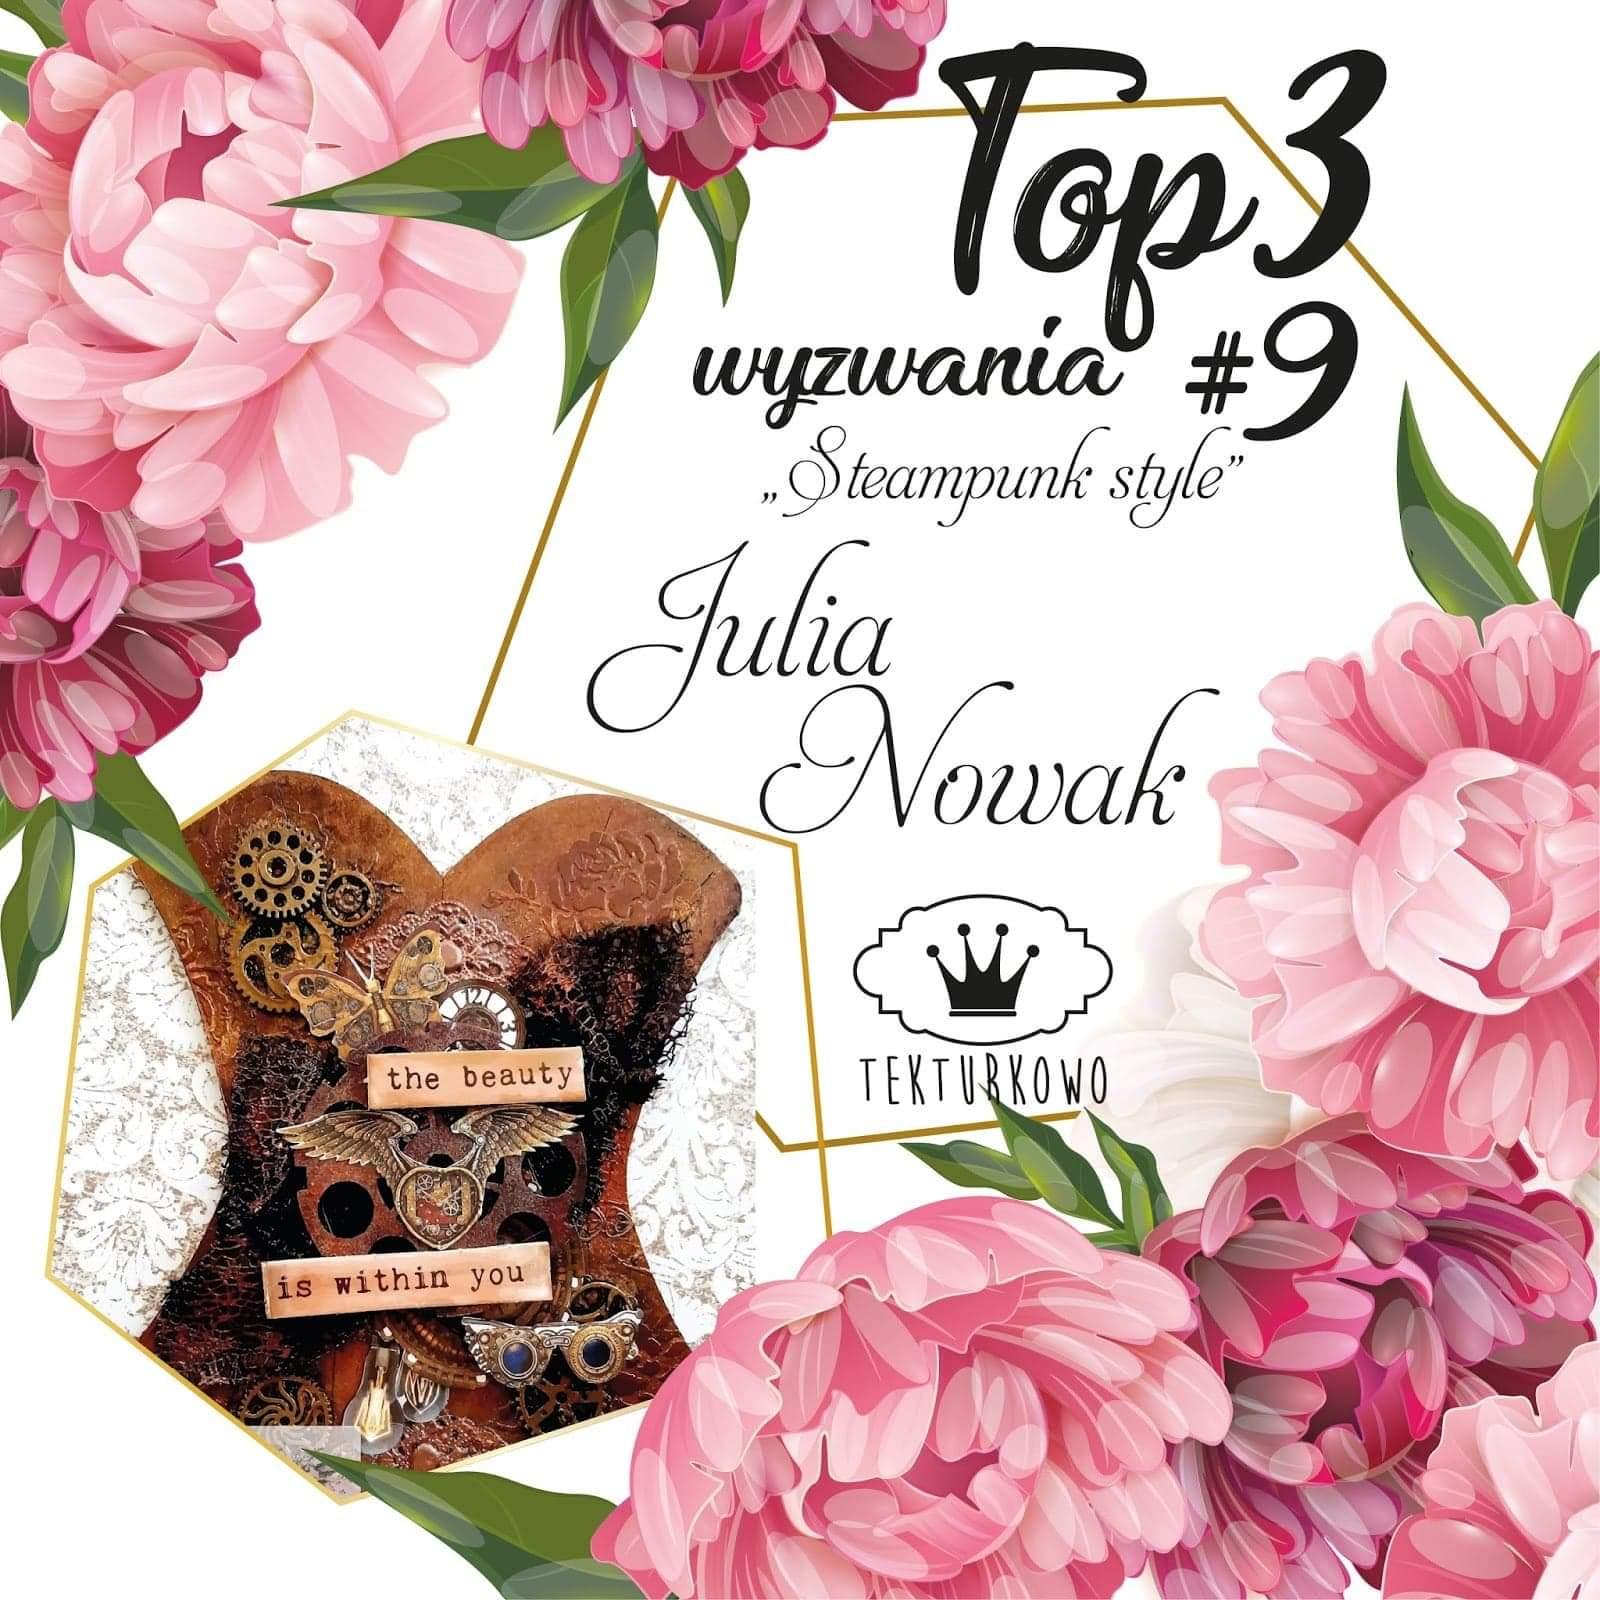 Top3 w wyzwaniu Tekturkowo